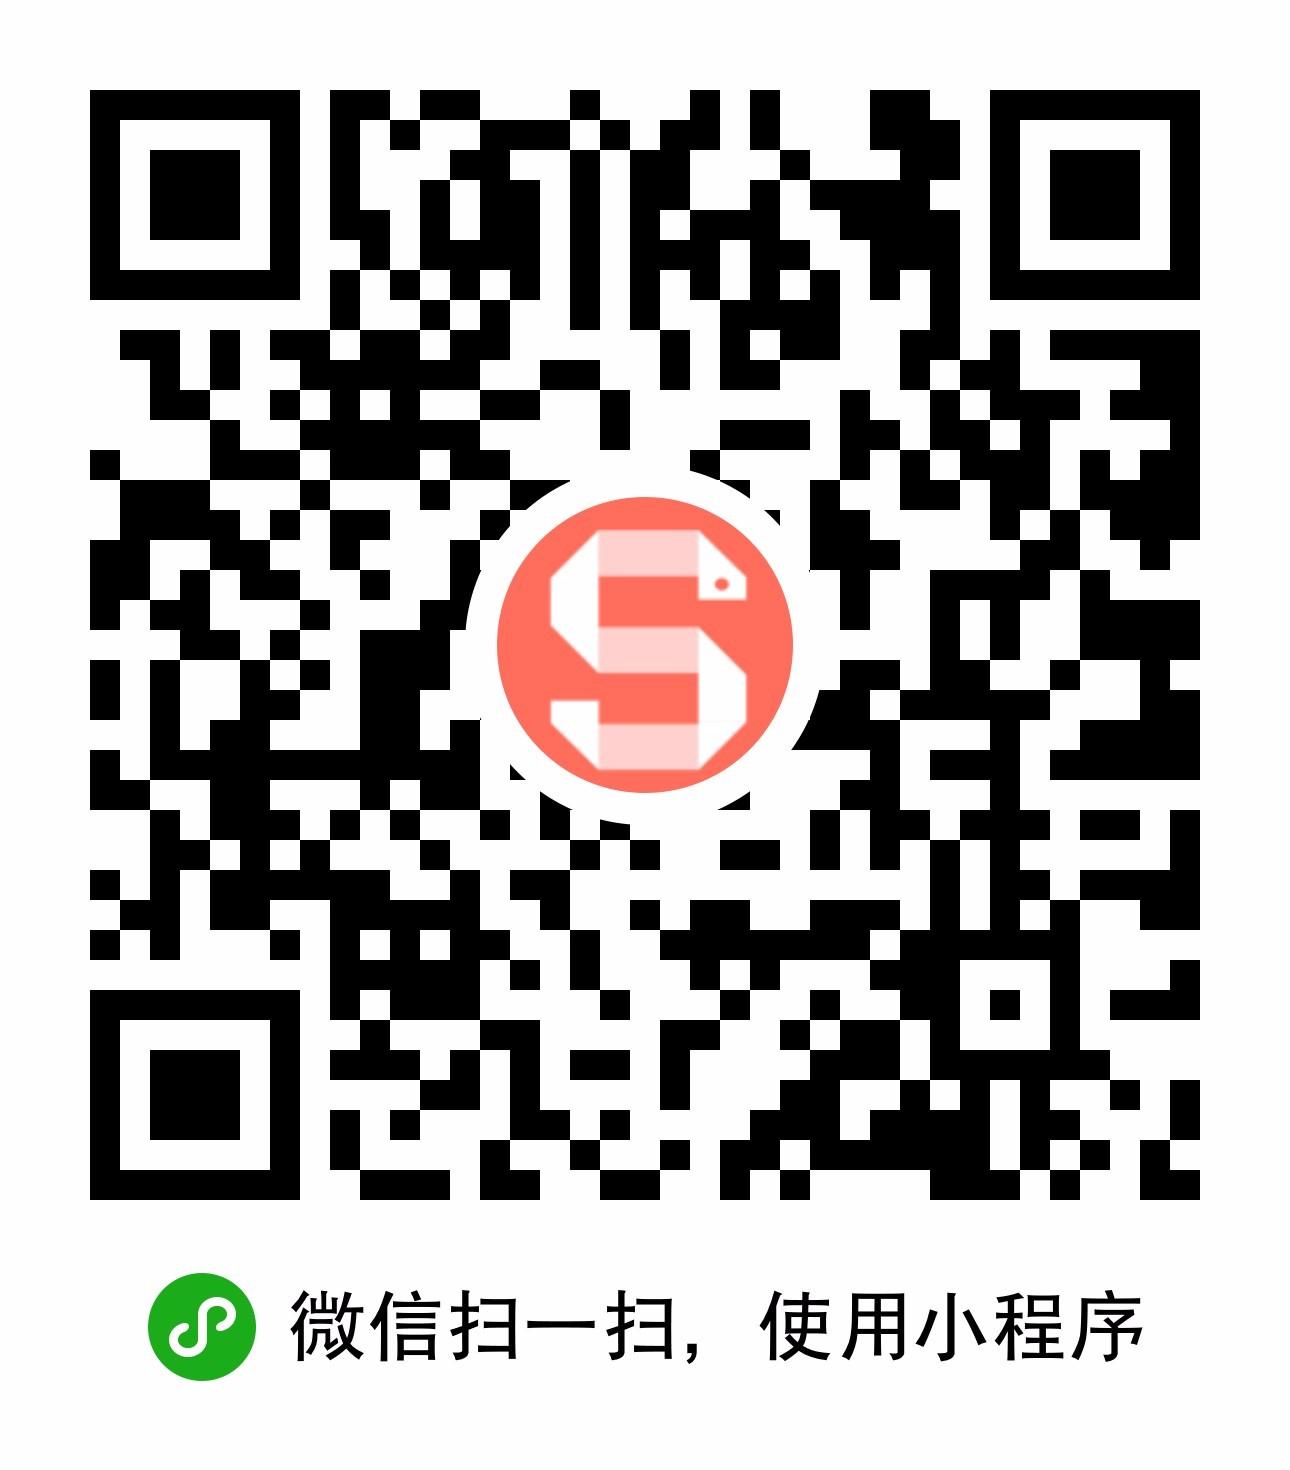 校园司令热门资讯-微信小程序二维码